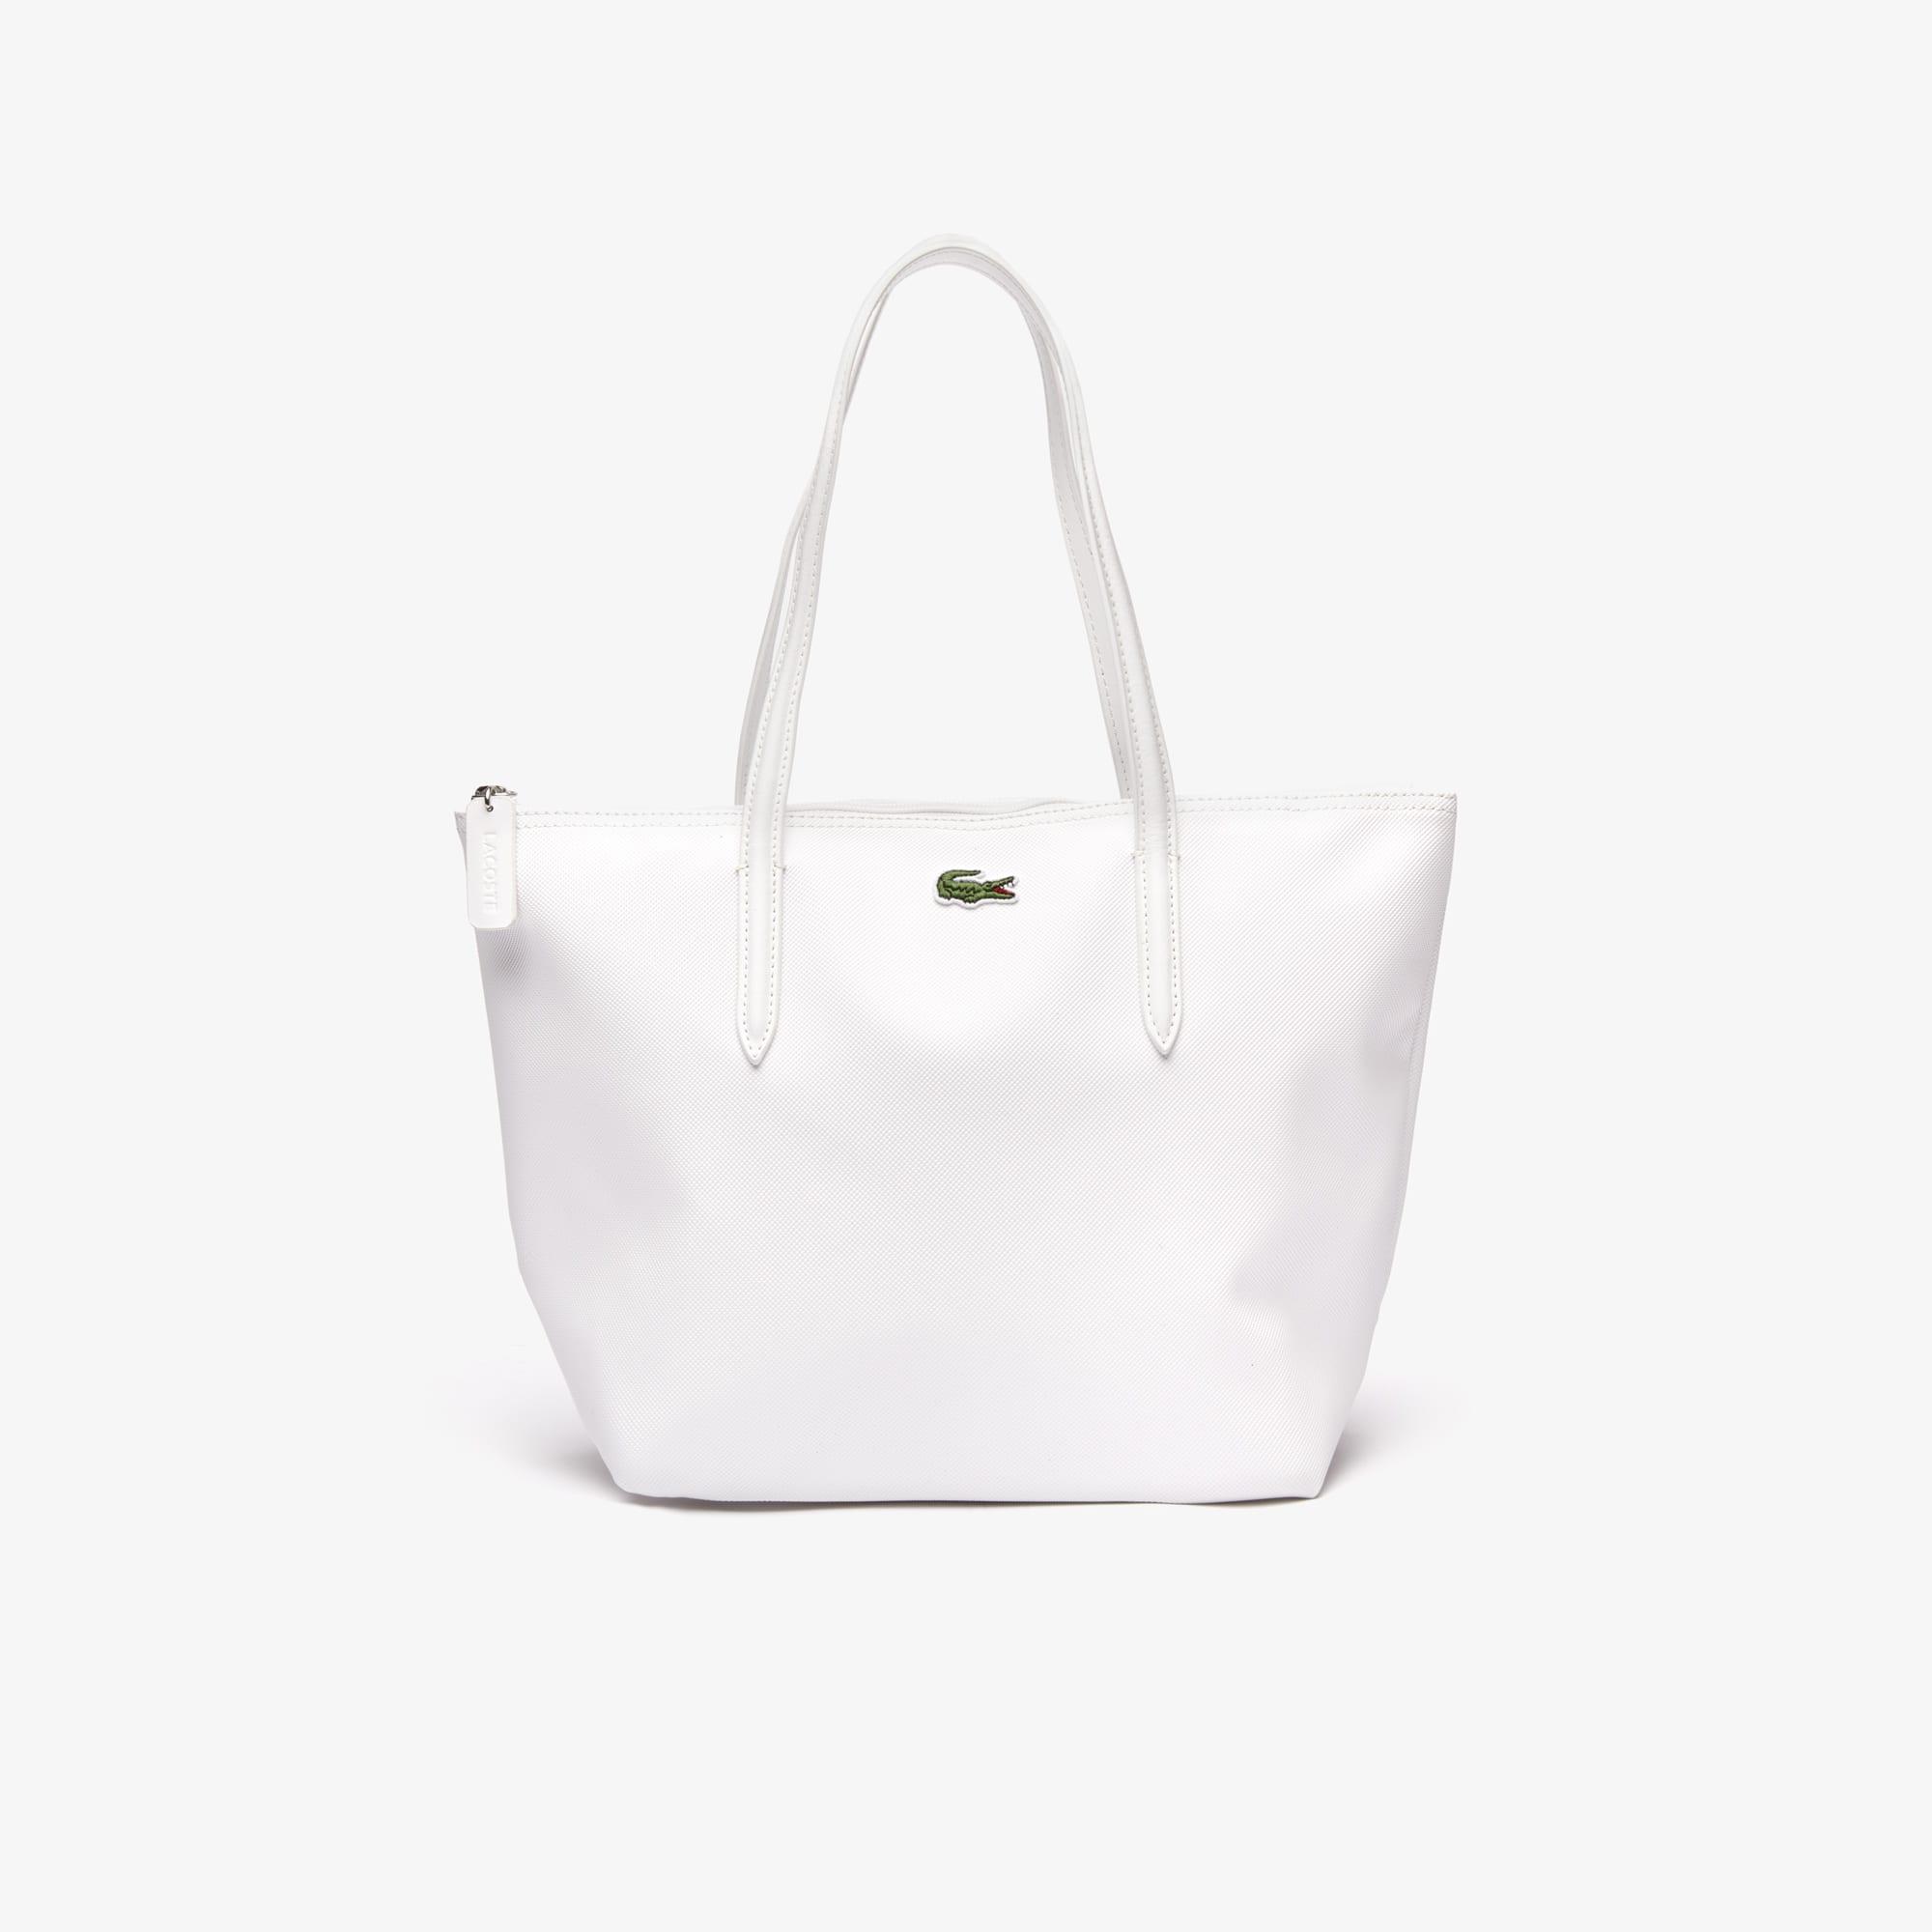 f8801c09d6 Petit sac cabas zippé L.12.12 Concept uni ...